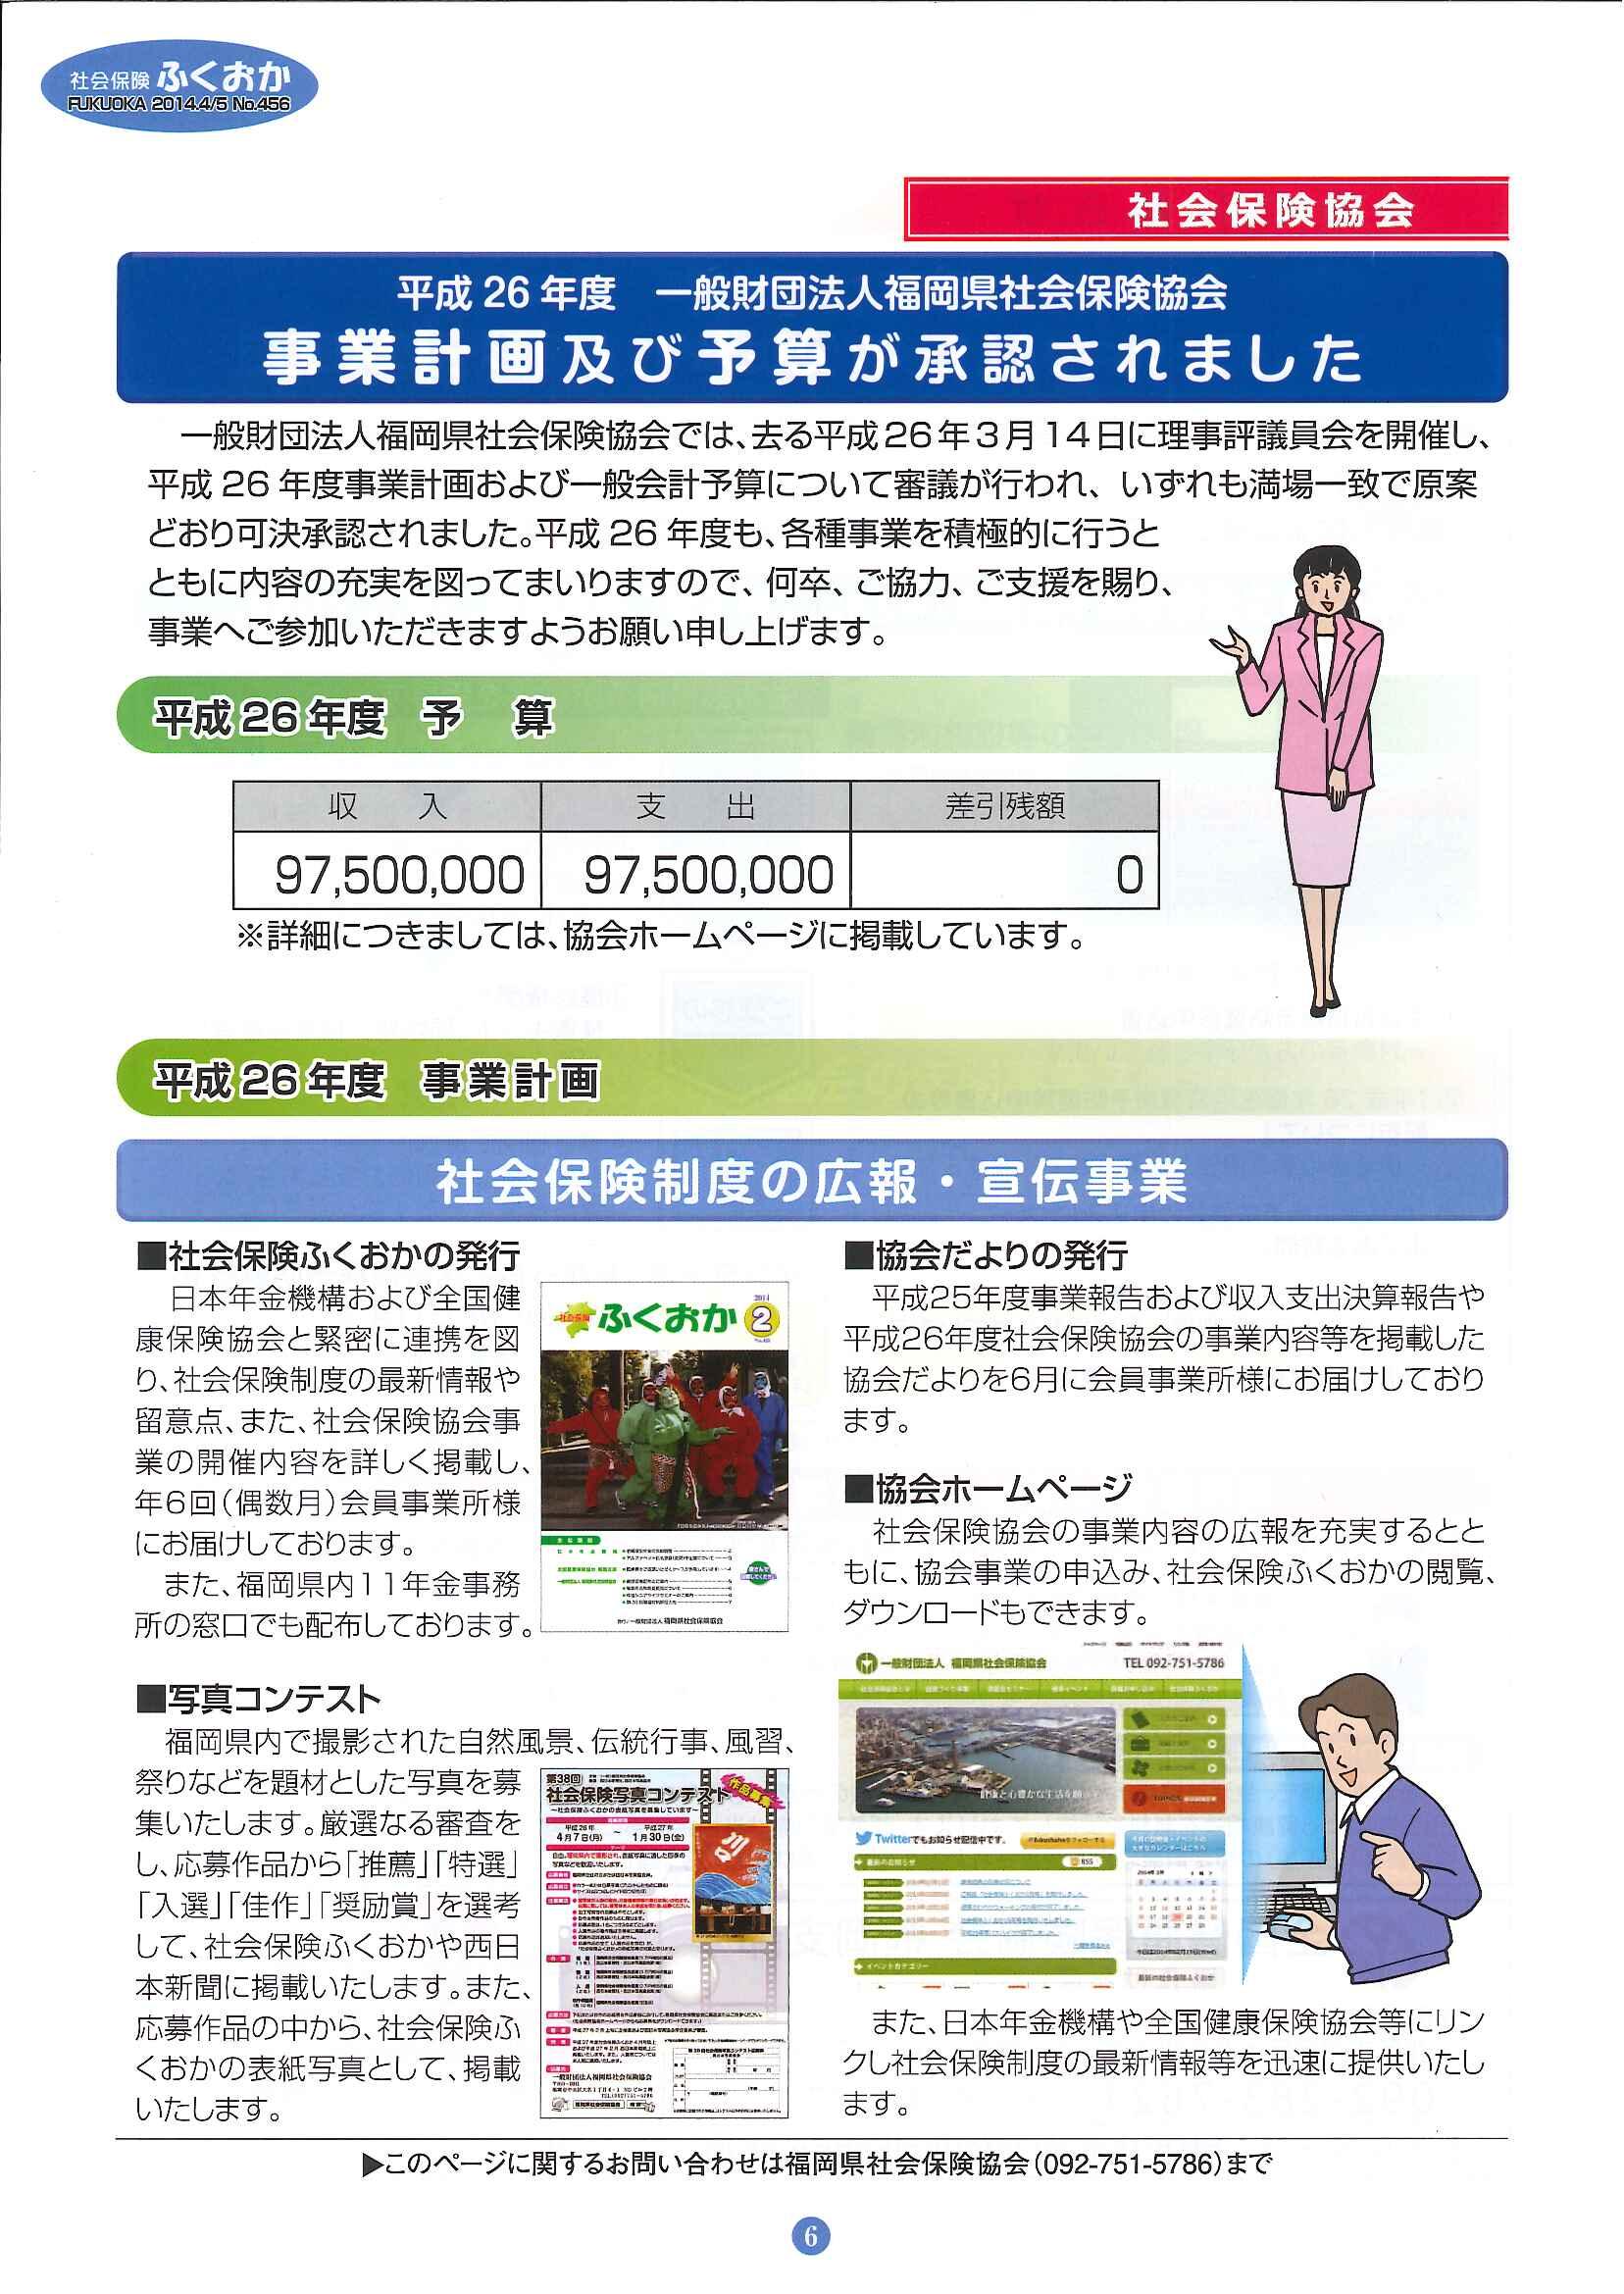 社会保険 ふくおか 2014年4・5月号_f0120774_14593351.jpg